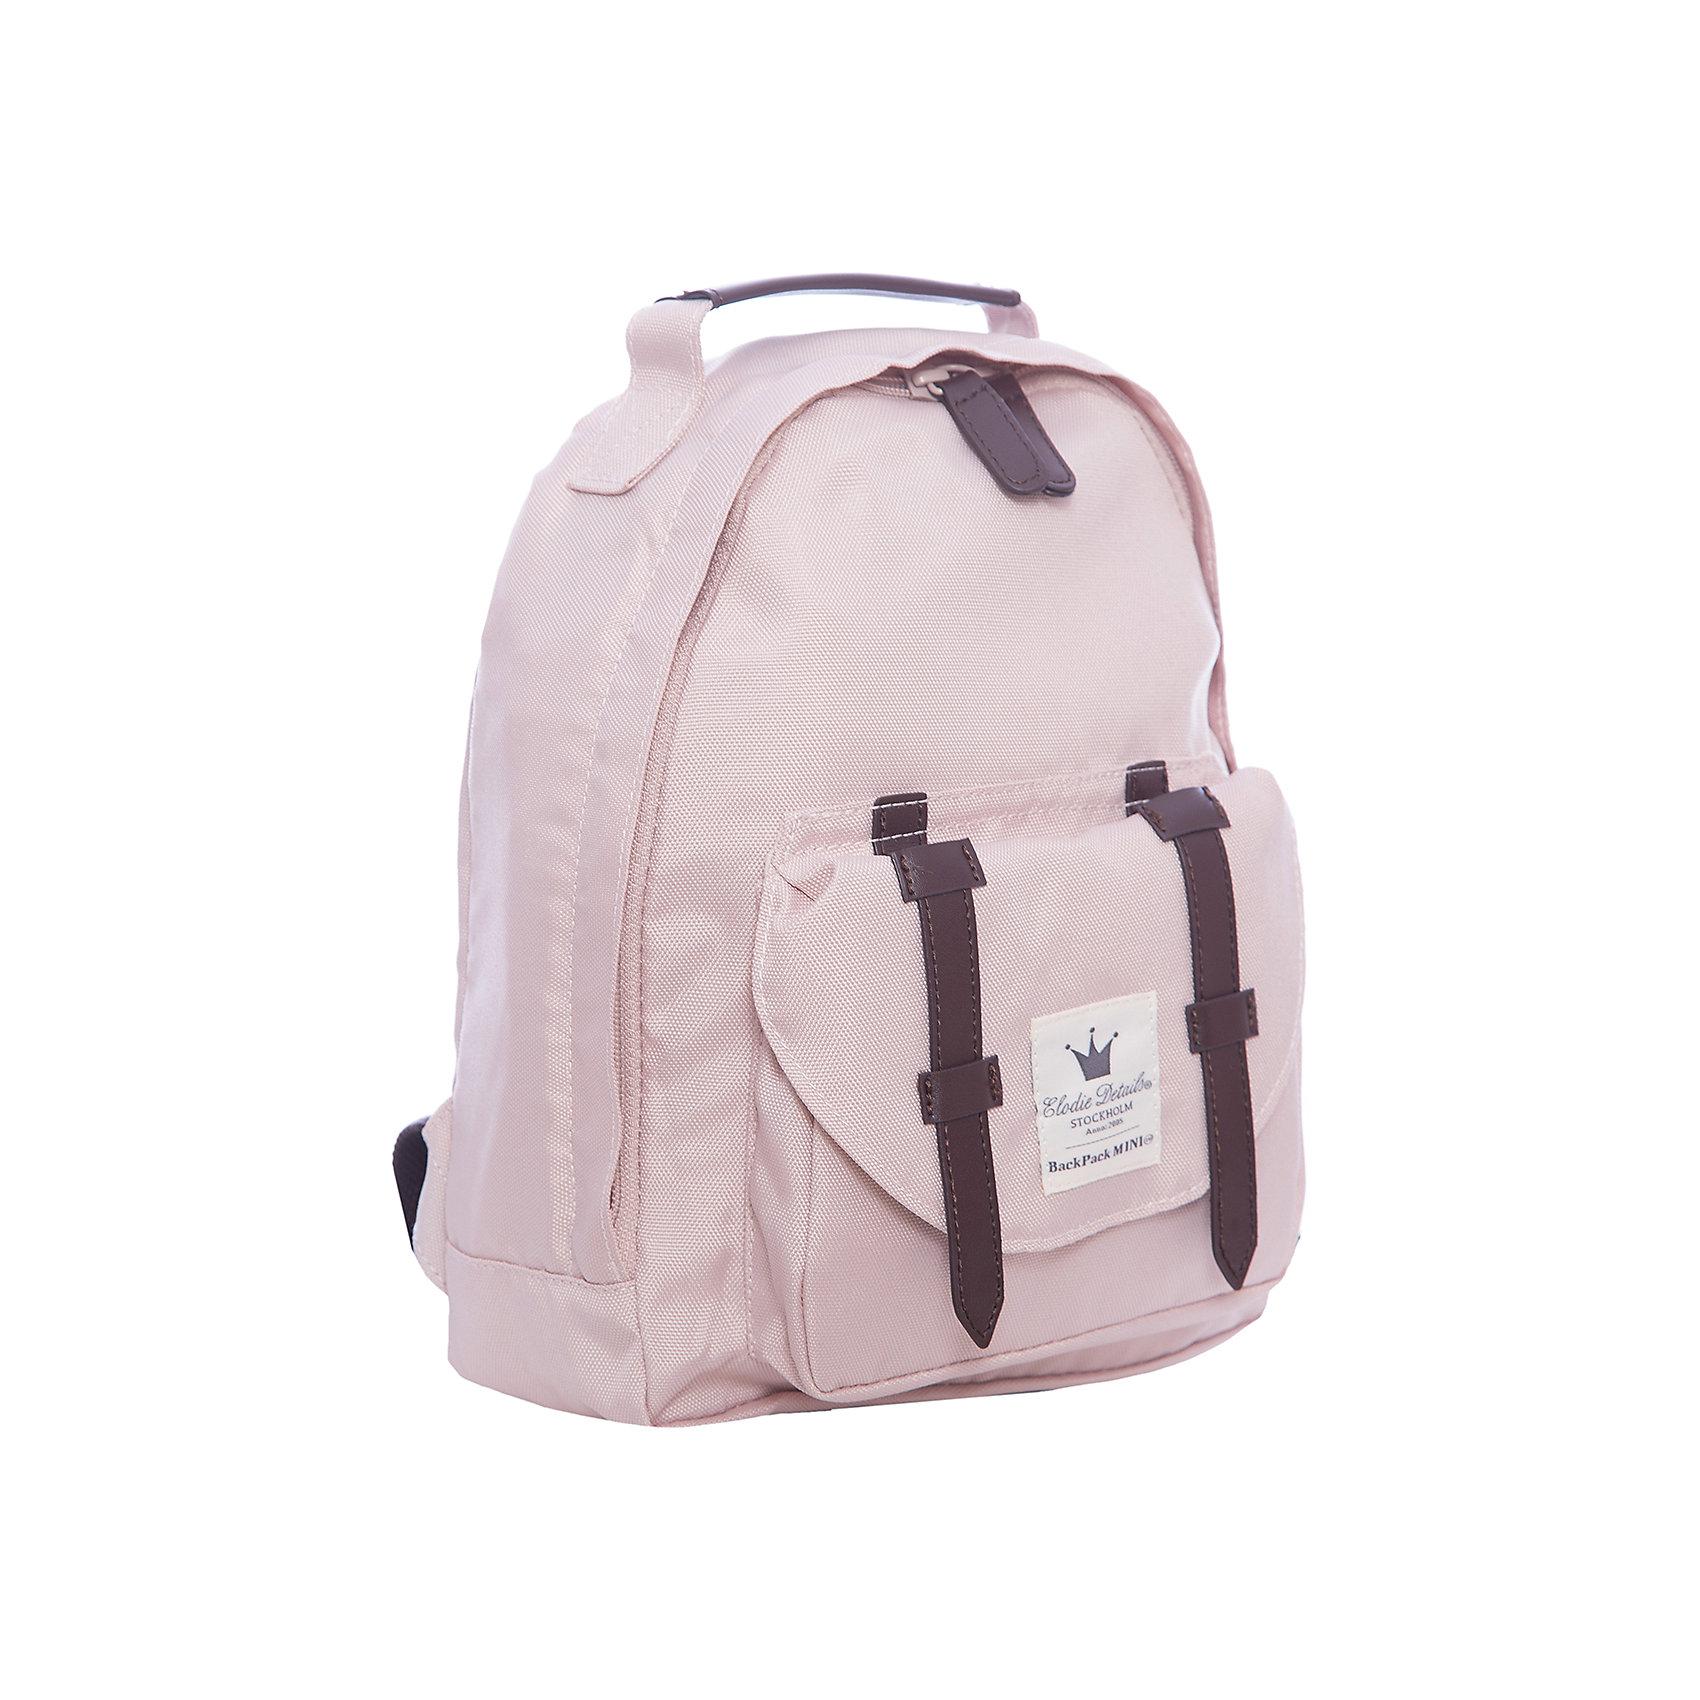 Рюкзак детский Powder Pink, Elodie DetailsДетские рюкзаки<br>Рюкзак;Elodie Details Powder Pink  Стильный рюкзак для модных малышей и дошкольников. Идеально подходит для первых пикников или, к примеру, для транспортировки любимого плюшевого медведя в гости к бабушке. Главное - чтобы ваше новое приключение было стильным!;Высота 28 см, ширина 21 см, объем 7 л. ;Новая коллекция ;рюкзаков Elodie Details представляет собой;стиль унисекс и подходит, как мальчикам, так и девочкам.;  - в комплекте;сиденье из термо-материала, чтобы малышу было на чем сидеть во время отдыха; - вертикальный термо-карман на боковой части рюкзака, чтобы поддерживать температуру жидкости в бутылочке (тепло/холод); - мягкие регулируемые ремни; - магнитные замки, удерживающие плечевые ремни от скольжения; - с помощью молнии открываются сверху донизу, чтобы легко достать завтрак или другое содержимое;- оригинальные детали из кожи ; ;<br><br>Ширина мм: 280<br>Глубина мм: 50<br>Высота мм: 260<br>Вес г: 291<br>Возраст от месяцев: 12<br>Возраст до месяцев: 72<br>Пол: Женский<br>Возраст: Детский<br>SKU: 4966138